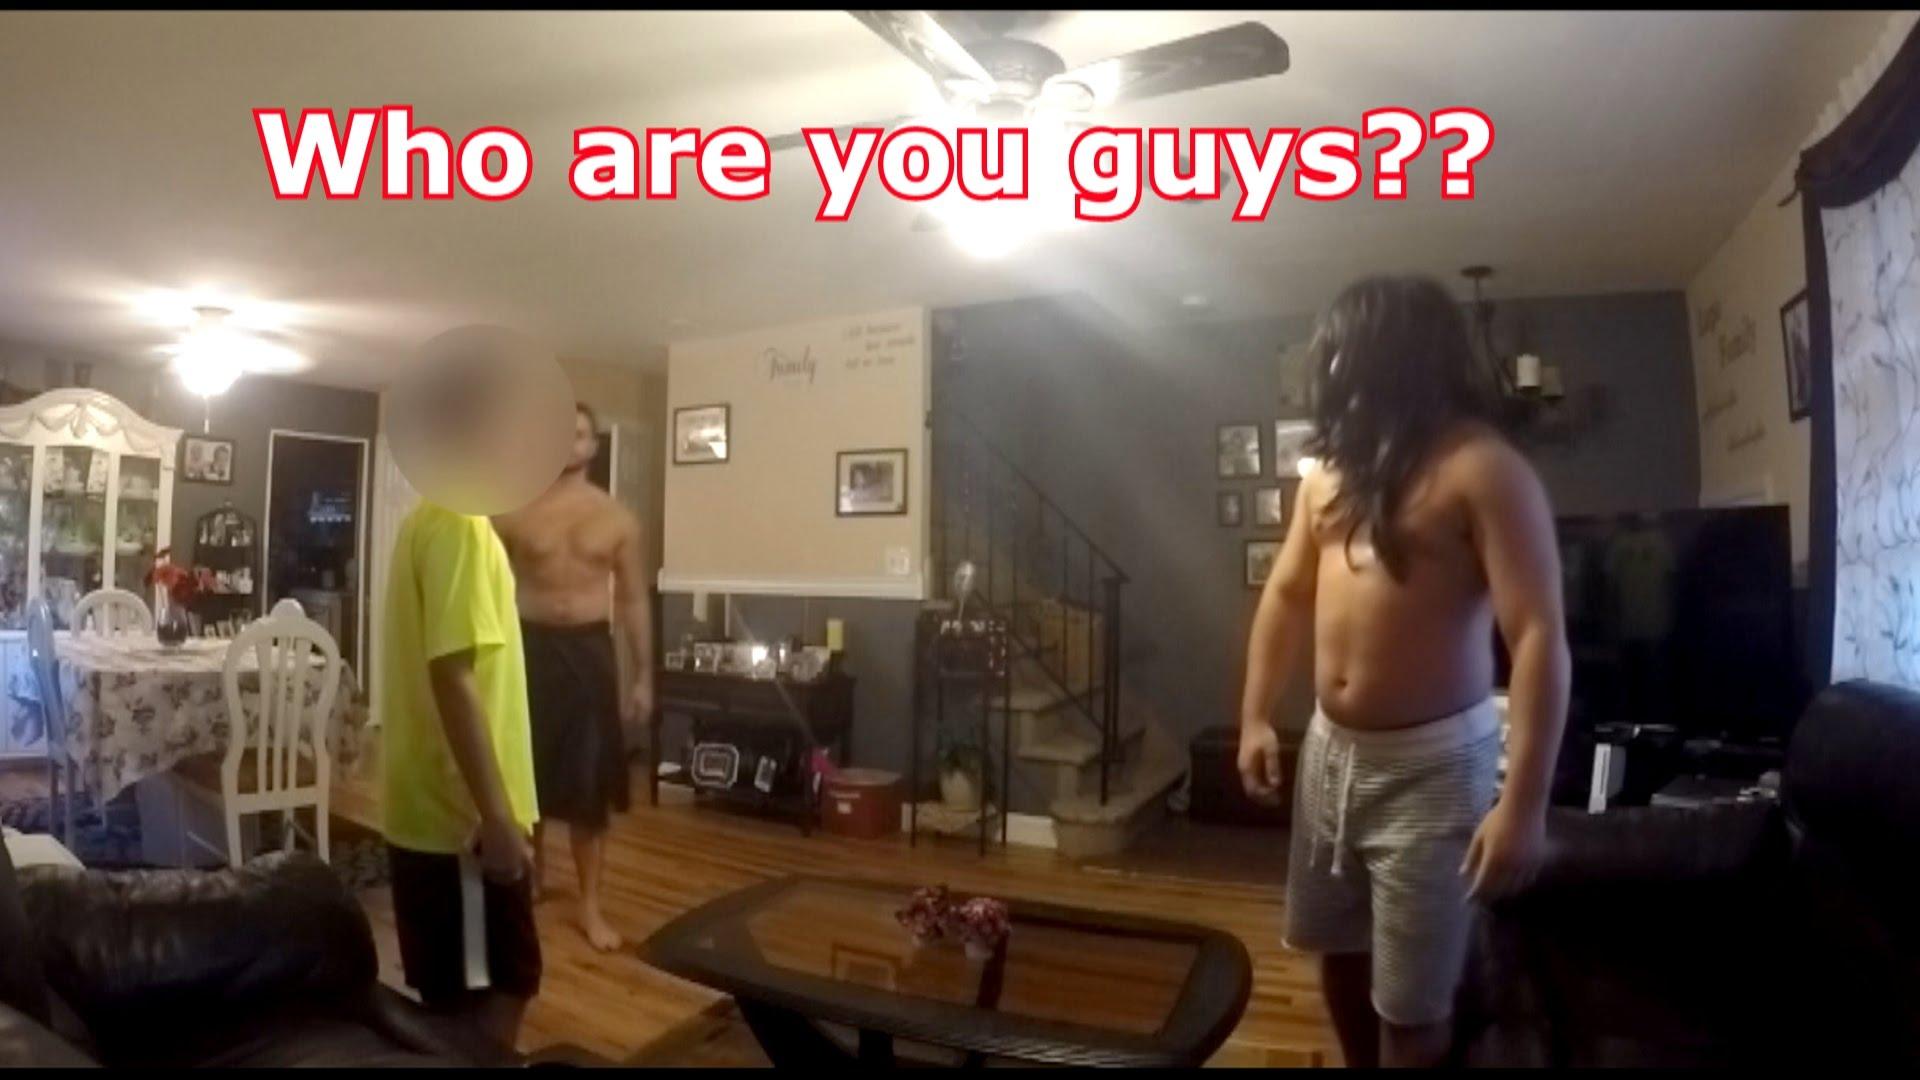 VIDEO: Sotsiaalmeedia ohud - 2 pedofii*i soovivad väg!stada poissi